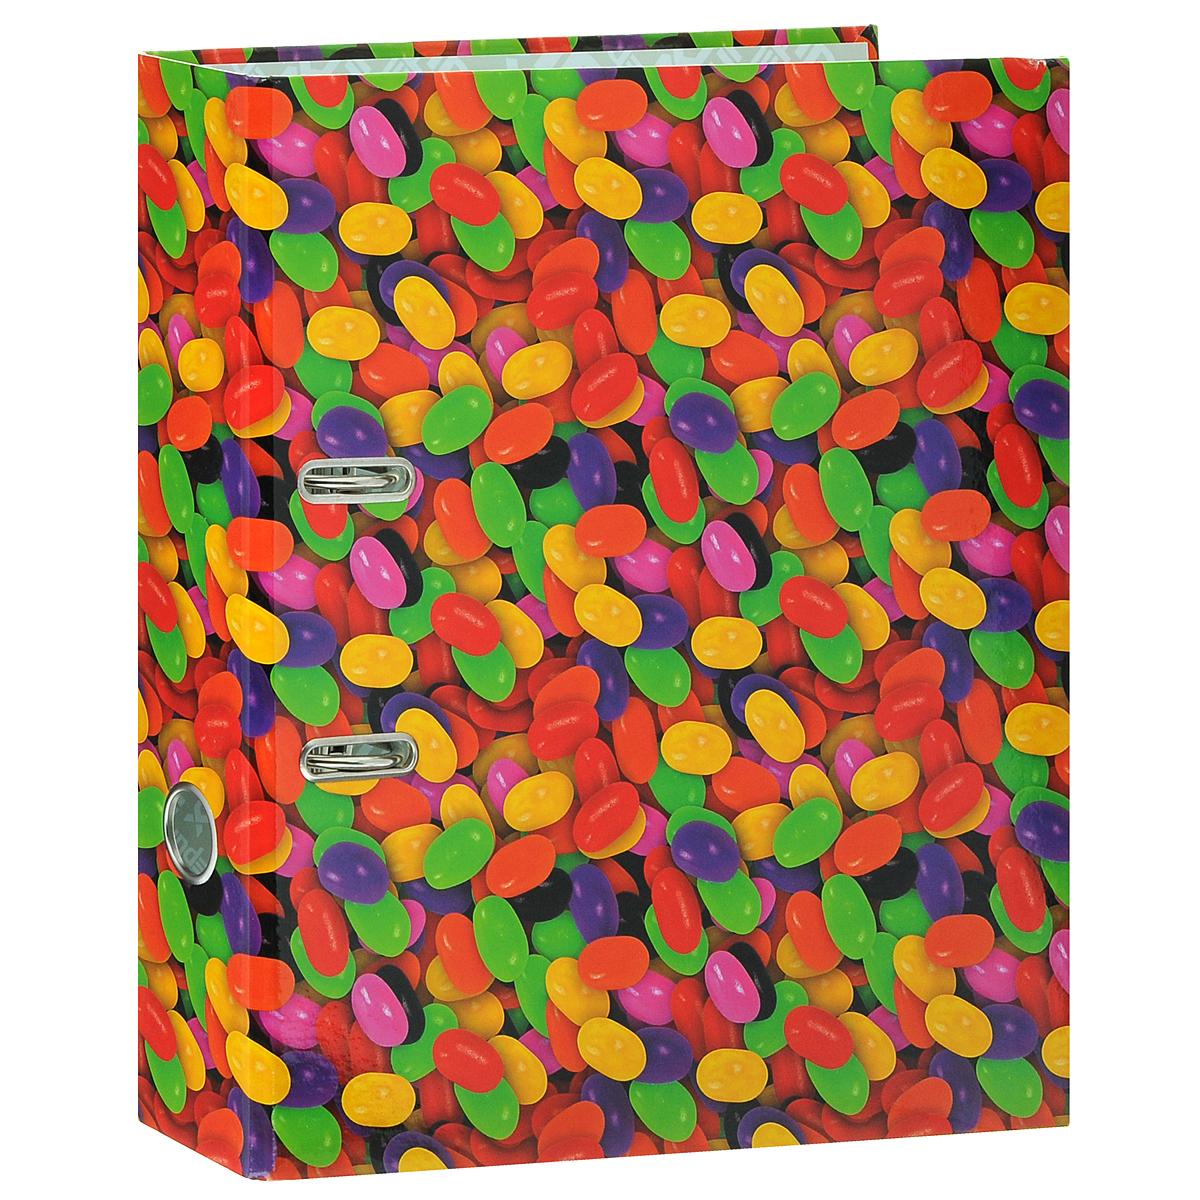 Папка-регистратор Index Драже, ширина корешка 80 мм, цвет: красный, желтый, зеленыйIN111105Папка-регистратор Index Драже незаменима для работы с большими объемами бумаг дома и в офисе. Папка изготовлена из износостойкого высококачественного картона толщиной 2 мм, имеет ламинацию как снаружи, так и внутри. Папка оснащена прочным металлическим арочным механизмом, обеспечивающим надежную фиксацию перфорированных бумаг и документов формата А4. Для папки используется фурнитура только европейского производства. На торце папки расположено металлическое кольцо для удобства использования. Обложка папки оформлена красочным изображением разноцветной россыпи конфет.Папка-регистратор станет вашим надежным помощником, она упростит работу с бумагами и документами и защитит их от повреждения, пыли и влаги.